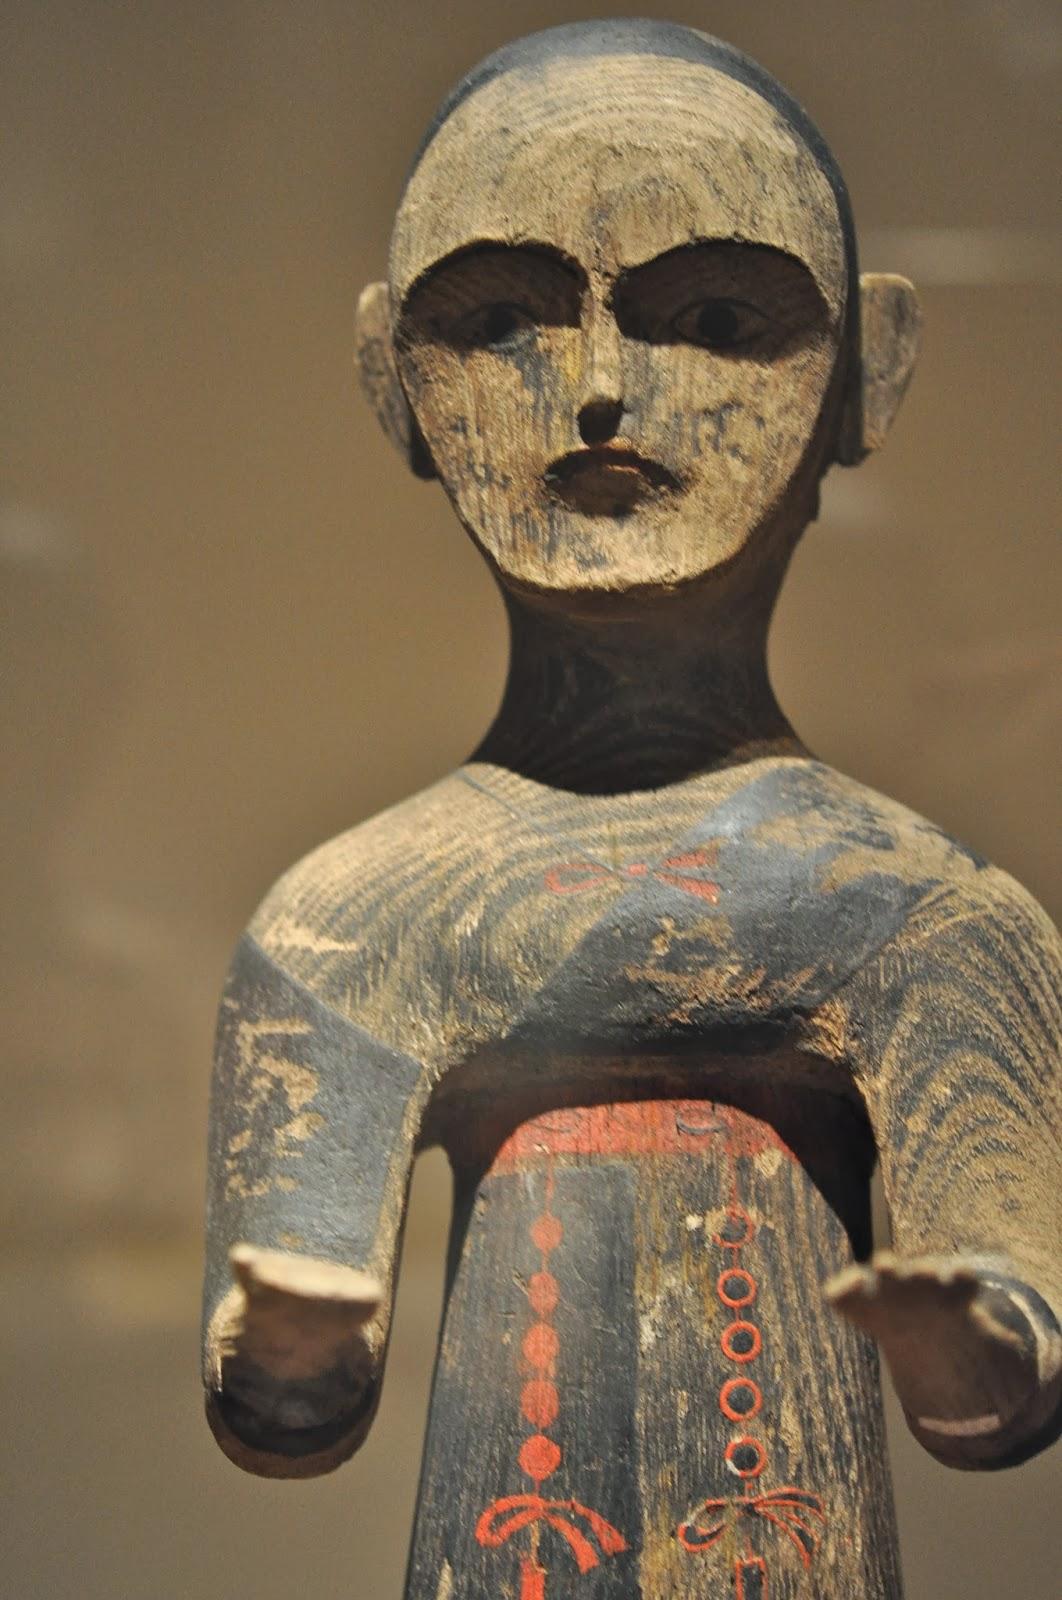 Chinese art, Chinese statue, portland art museum exhibit